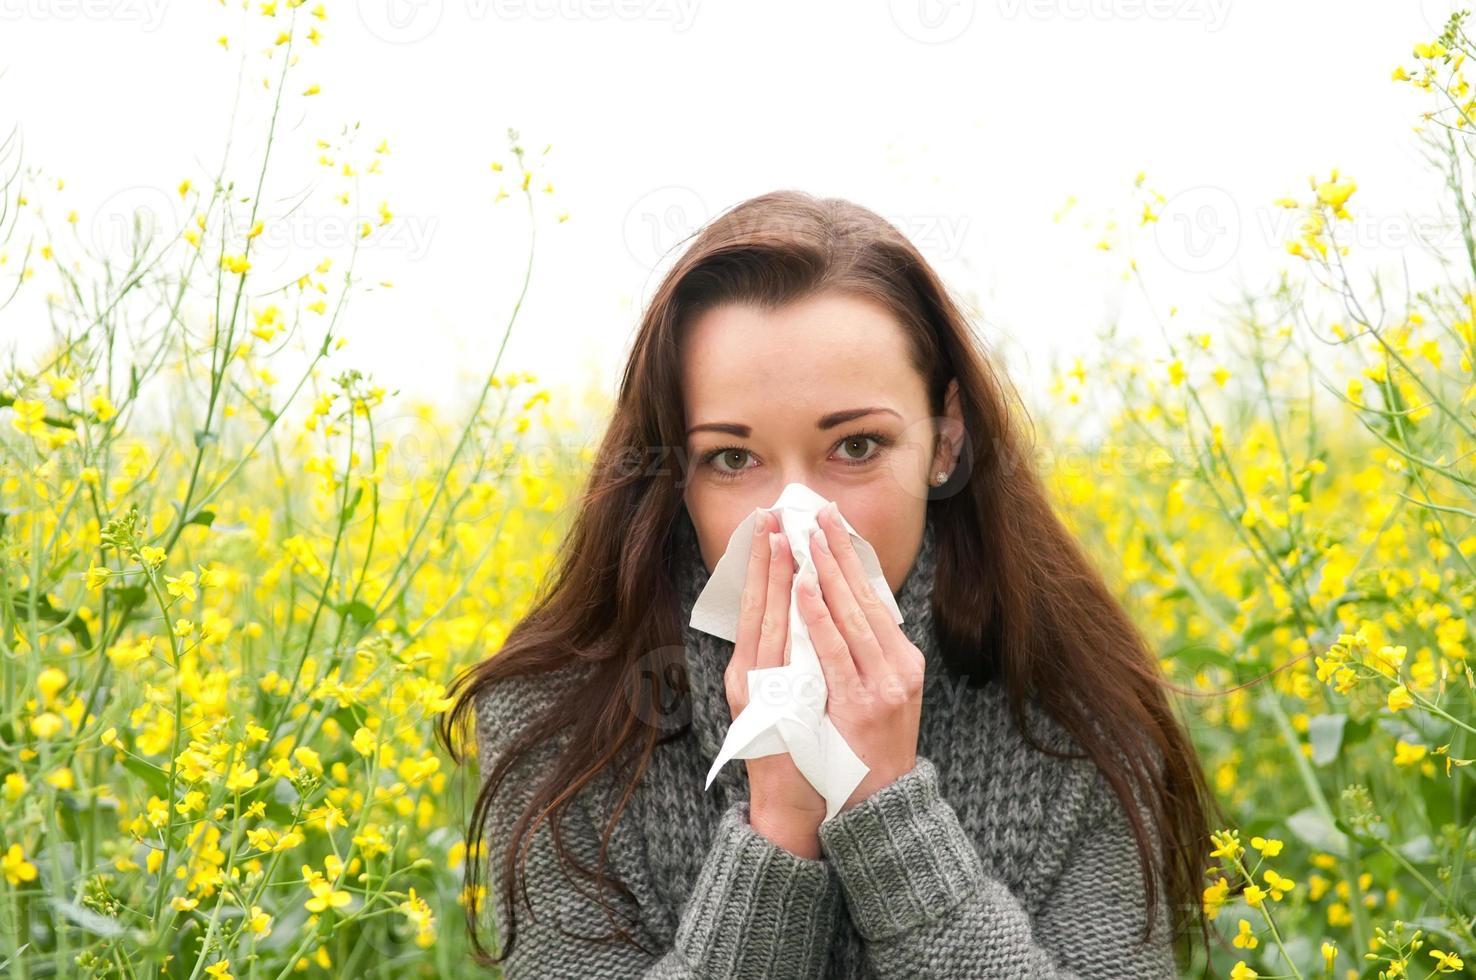 donna che soffia il naso in un campo di fiori foto